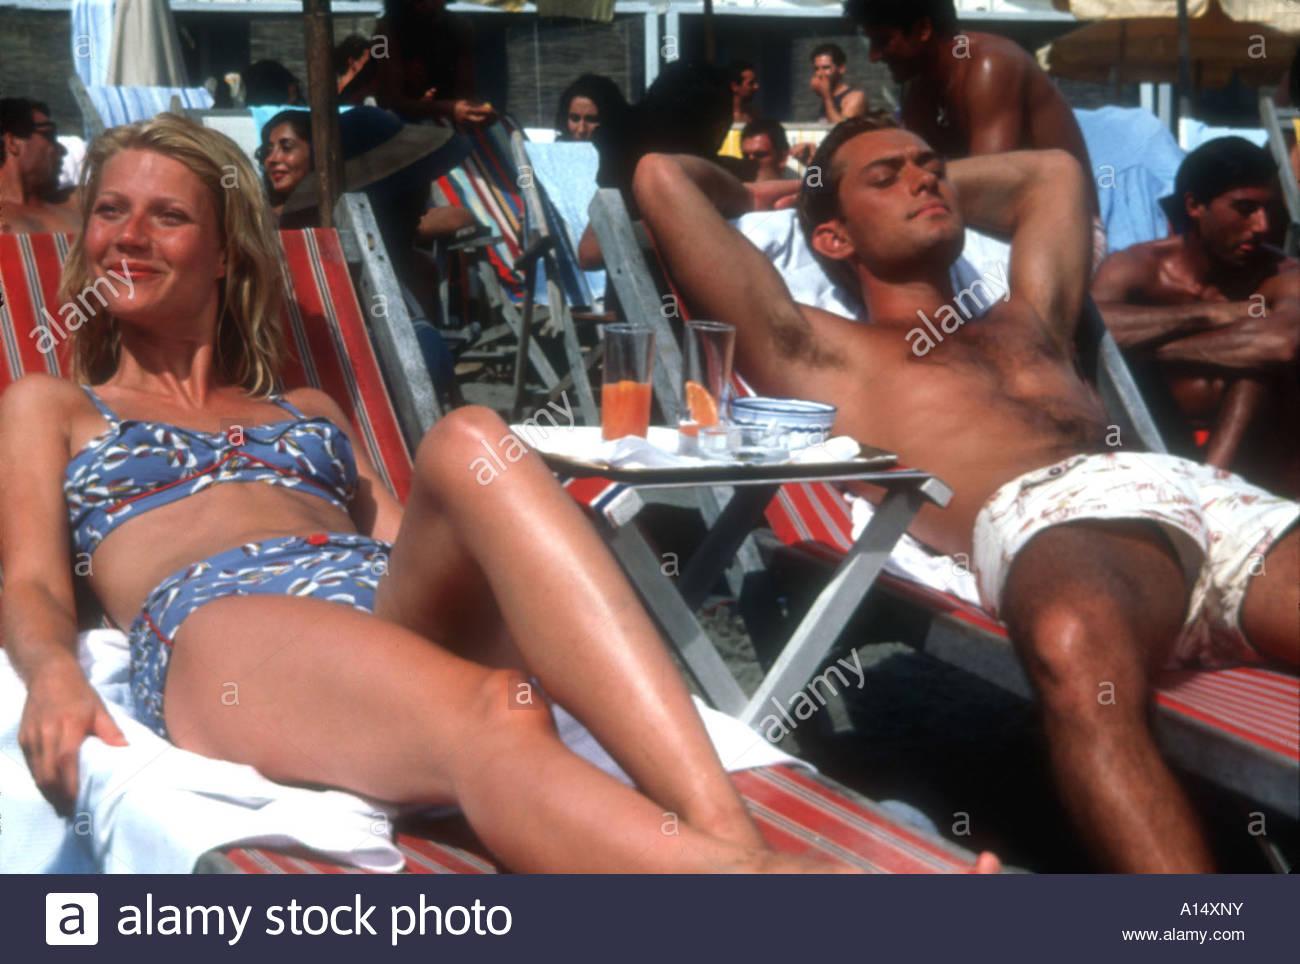 Le talentueux Mr Ripley 2000 réalisateur Anthony Minghella Gwyneth Paltrow Jude Law basé sur le livre Photo Stock